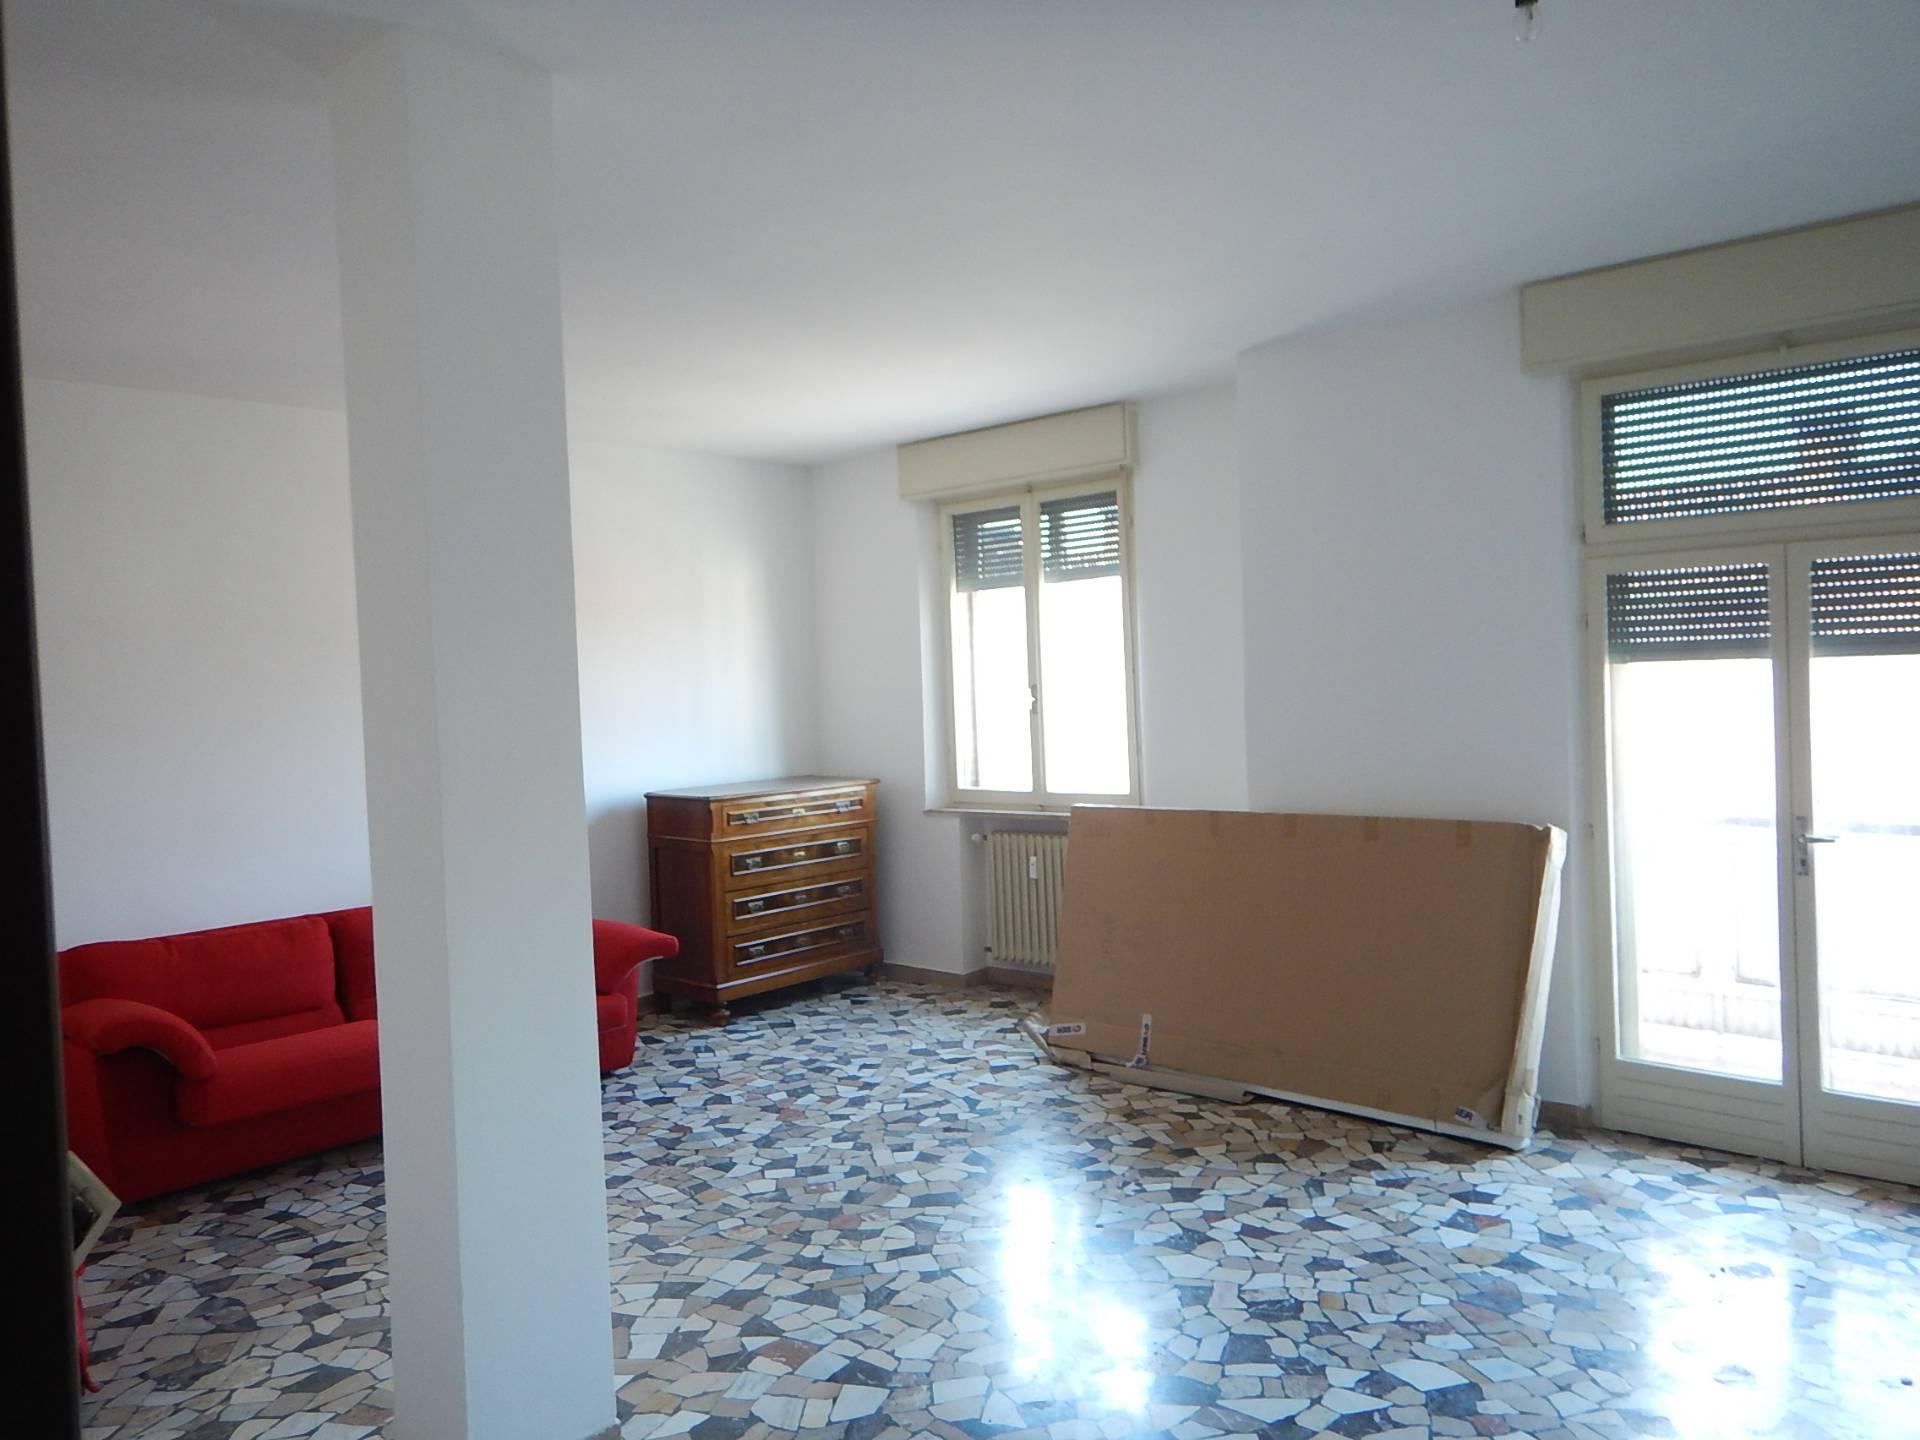 Appartamento in affitto a Ferrara, 4 locali, zona Località: FuoriMura-ZonaEst, prezzo € 550 | CambioCasa.it